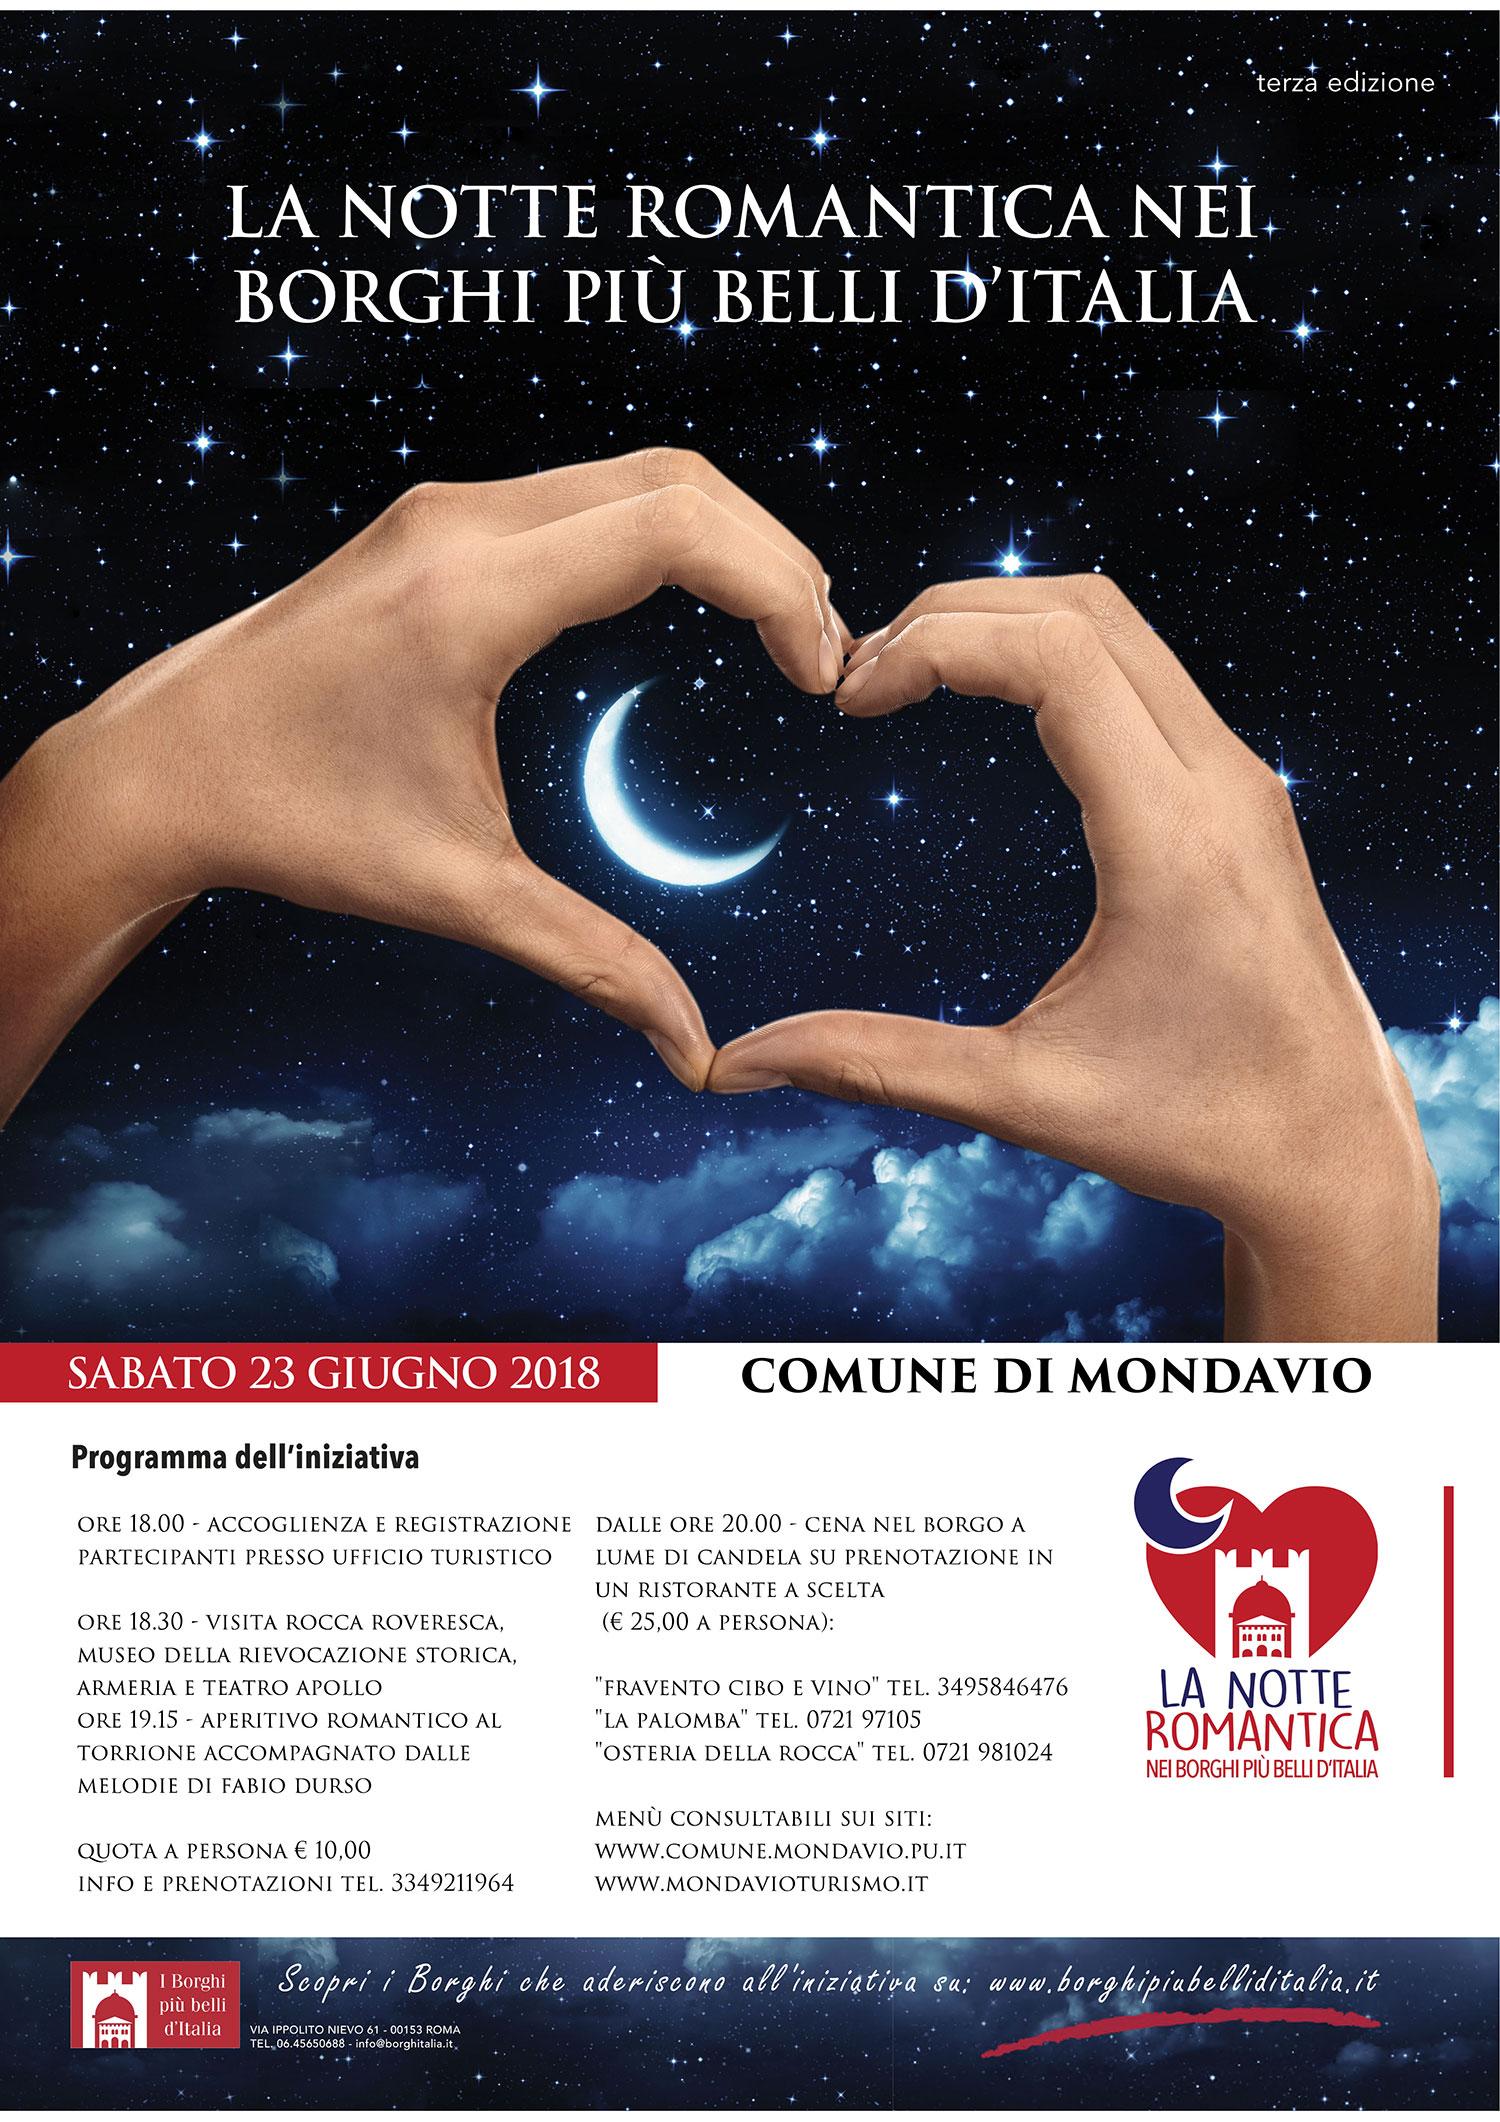 La Notte Romantica Nei Borghi Più Belli D'Italia 🗓